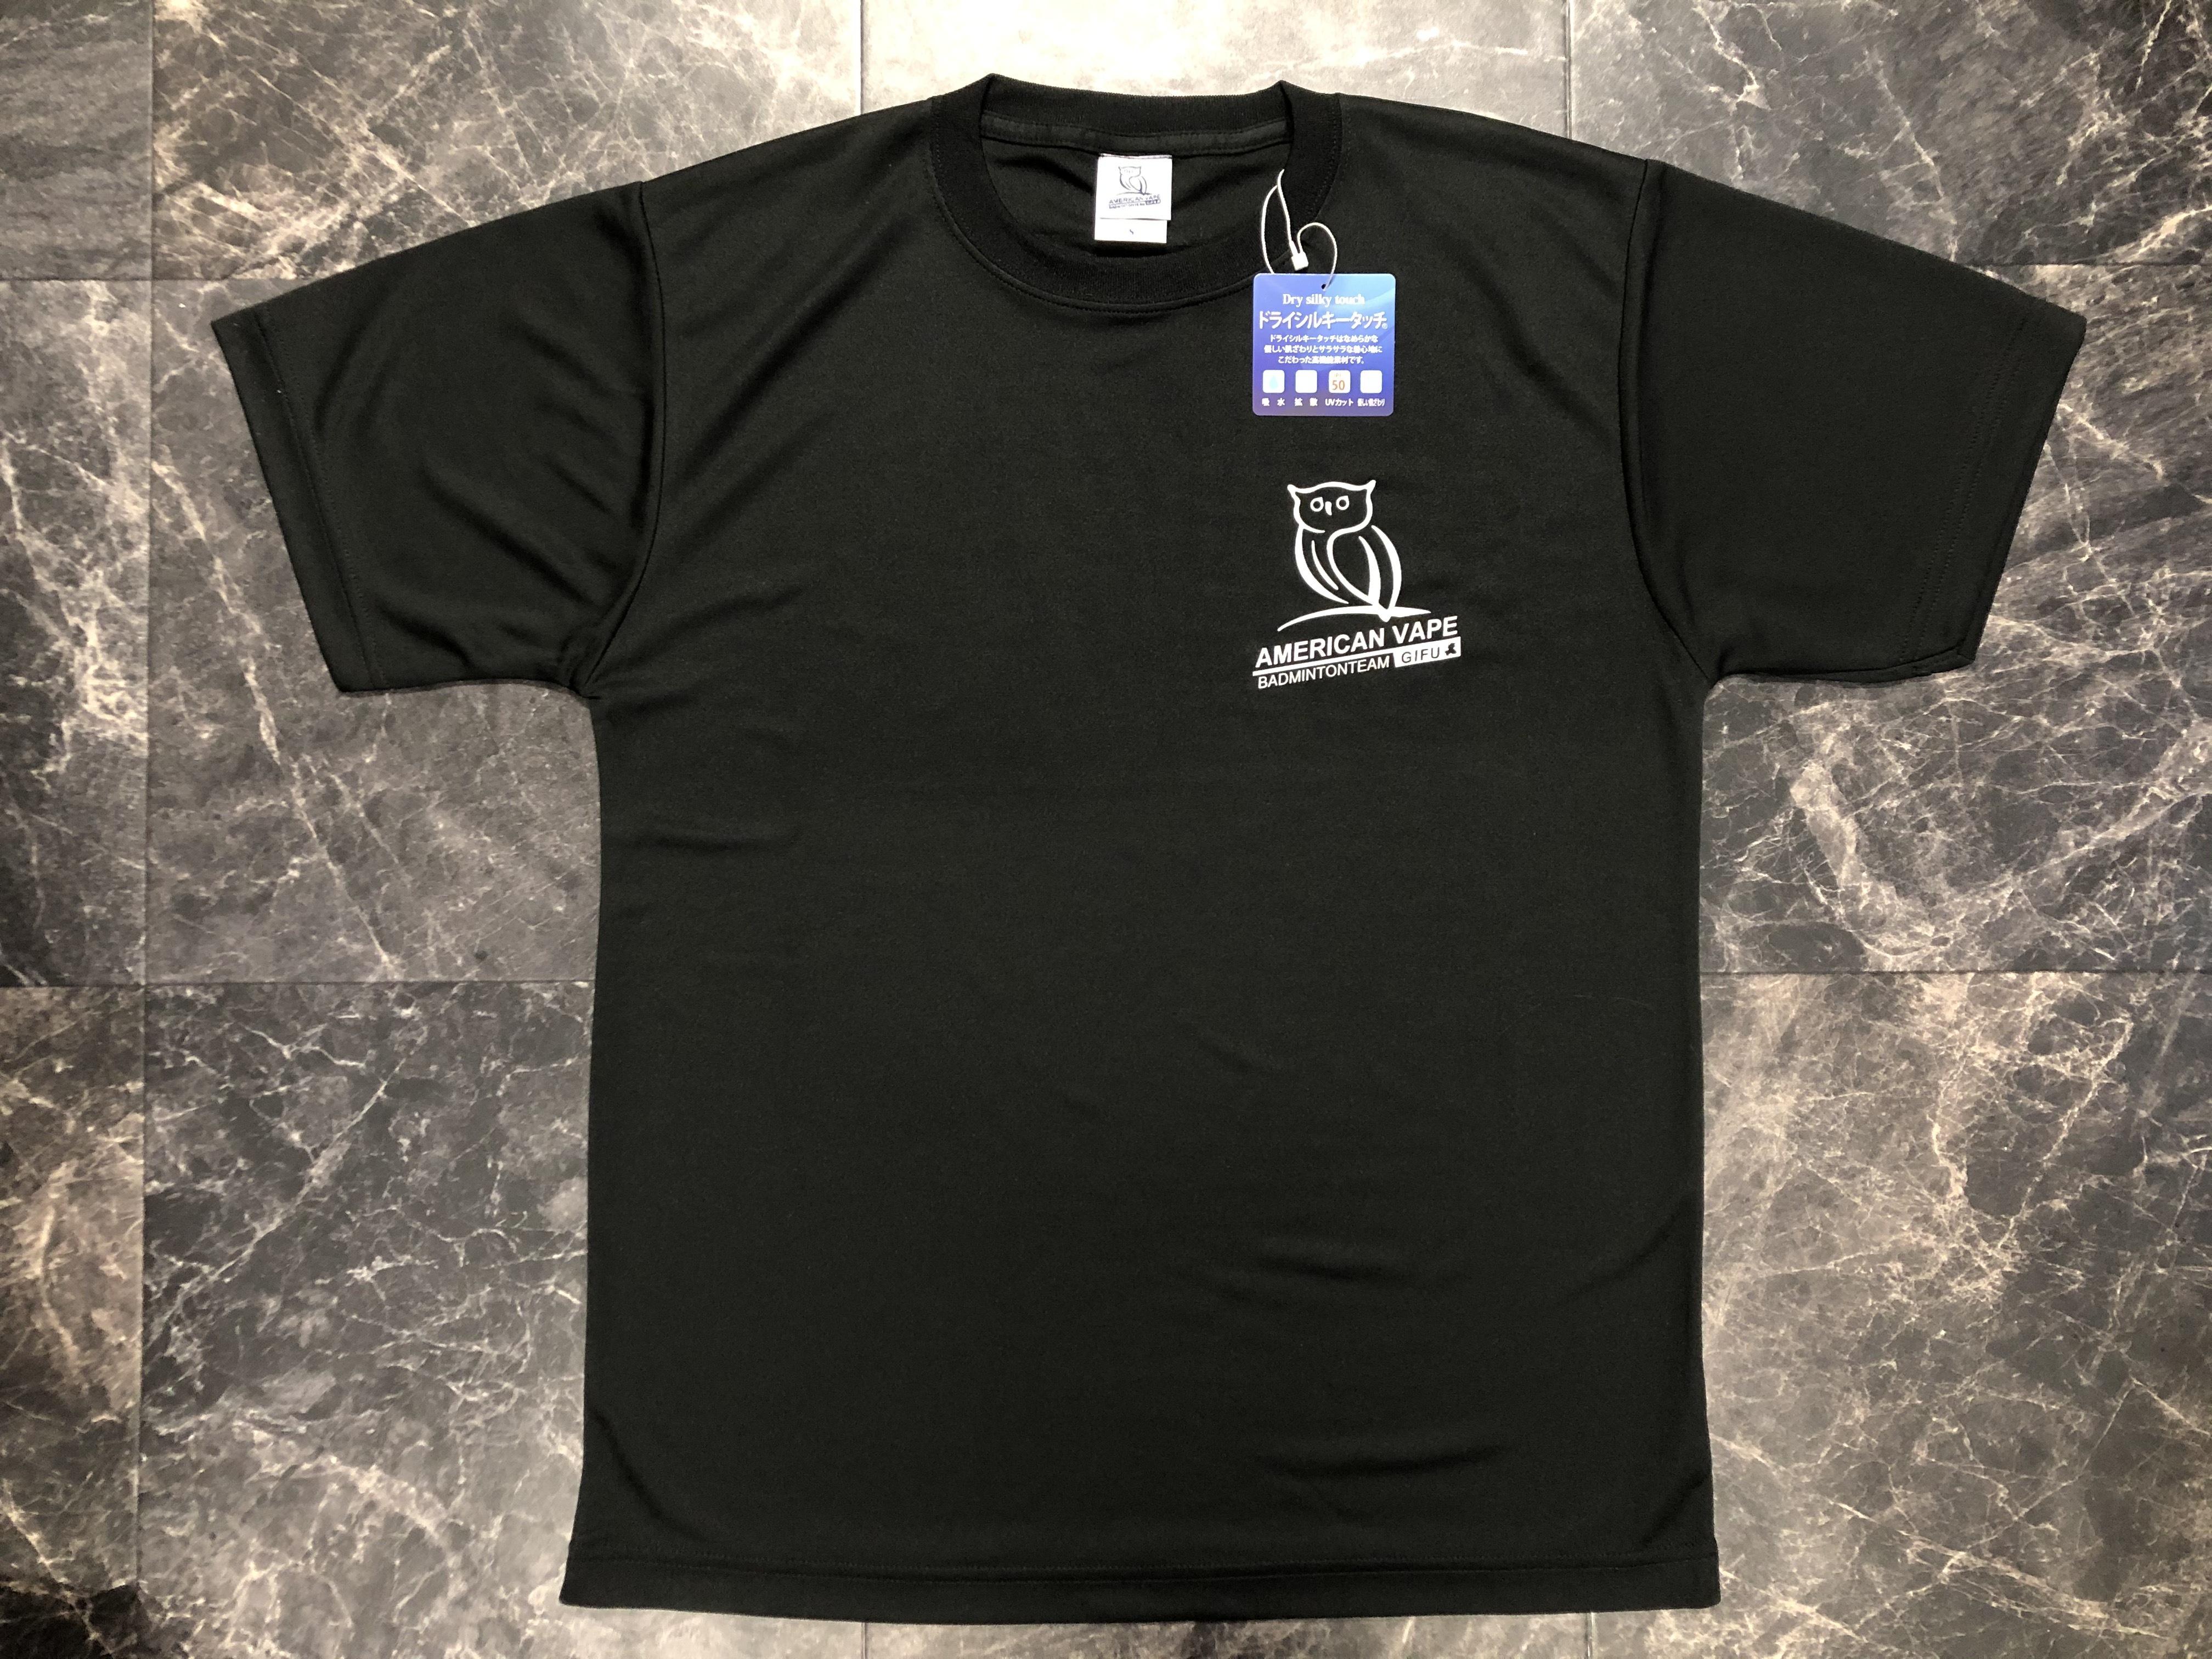 IFMC.Tシャツ(アメリカンべイプ×AXF)